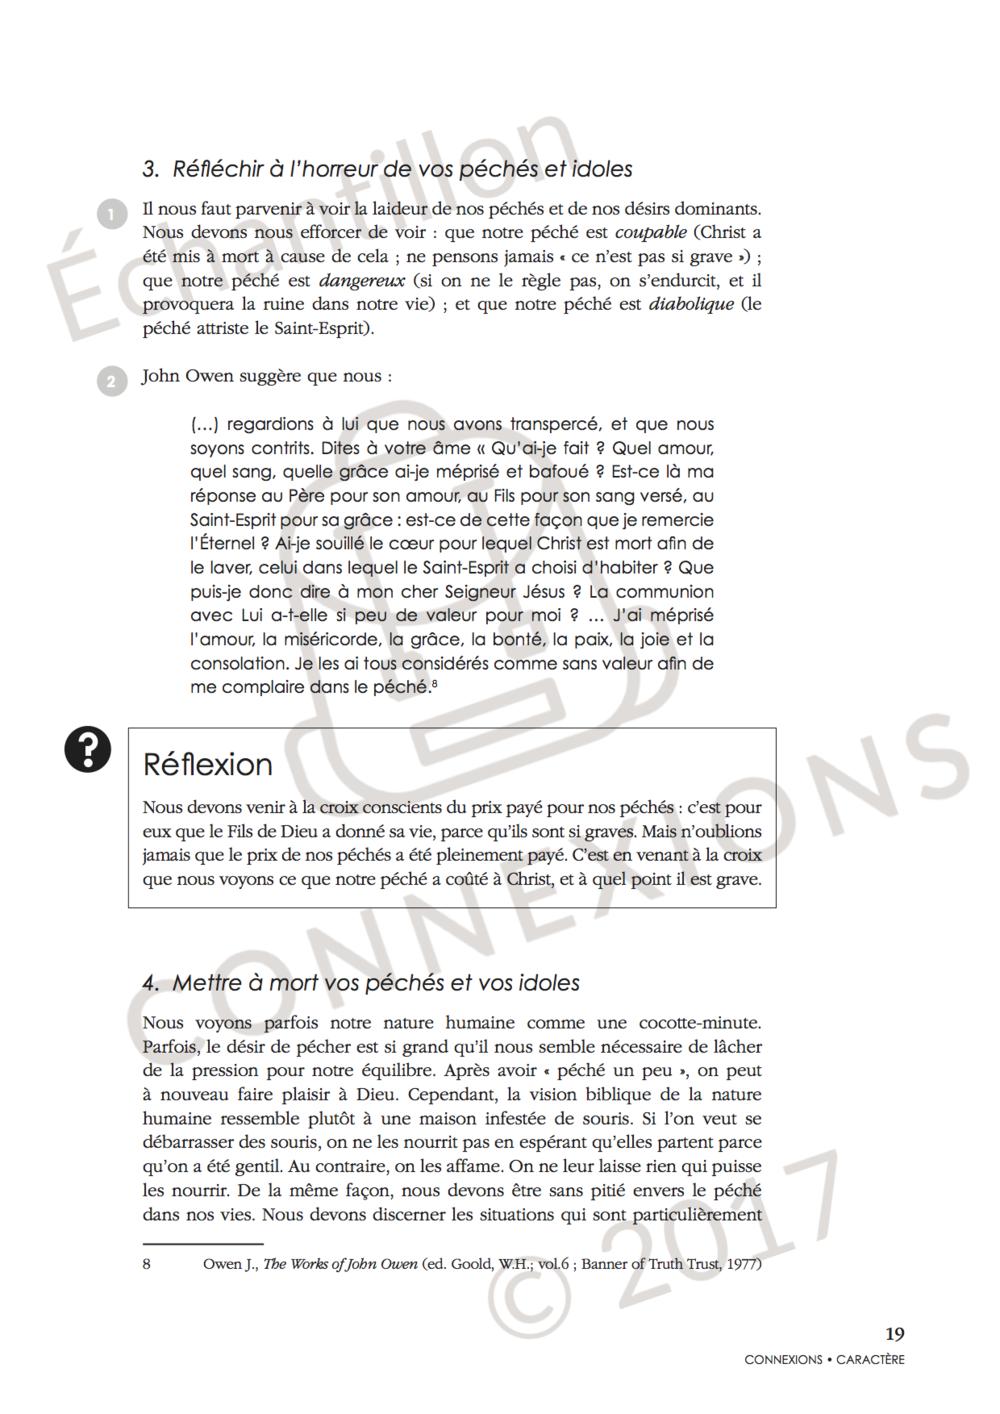 L'Évangile au cœur de la transformation_sample_published.8.png